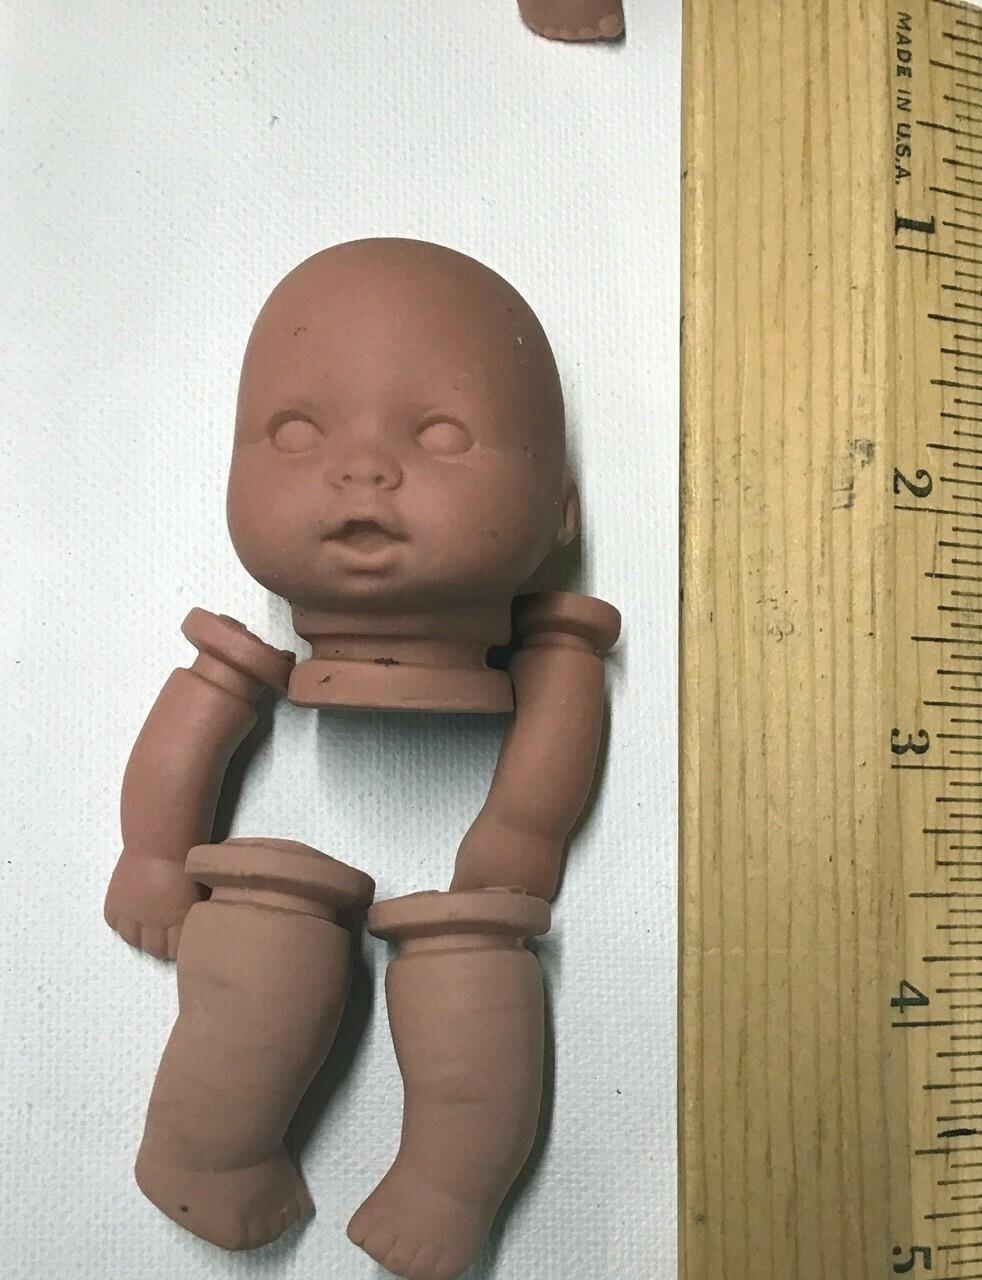 Ceramic Baby Parts / Set C